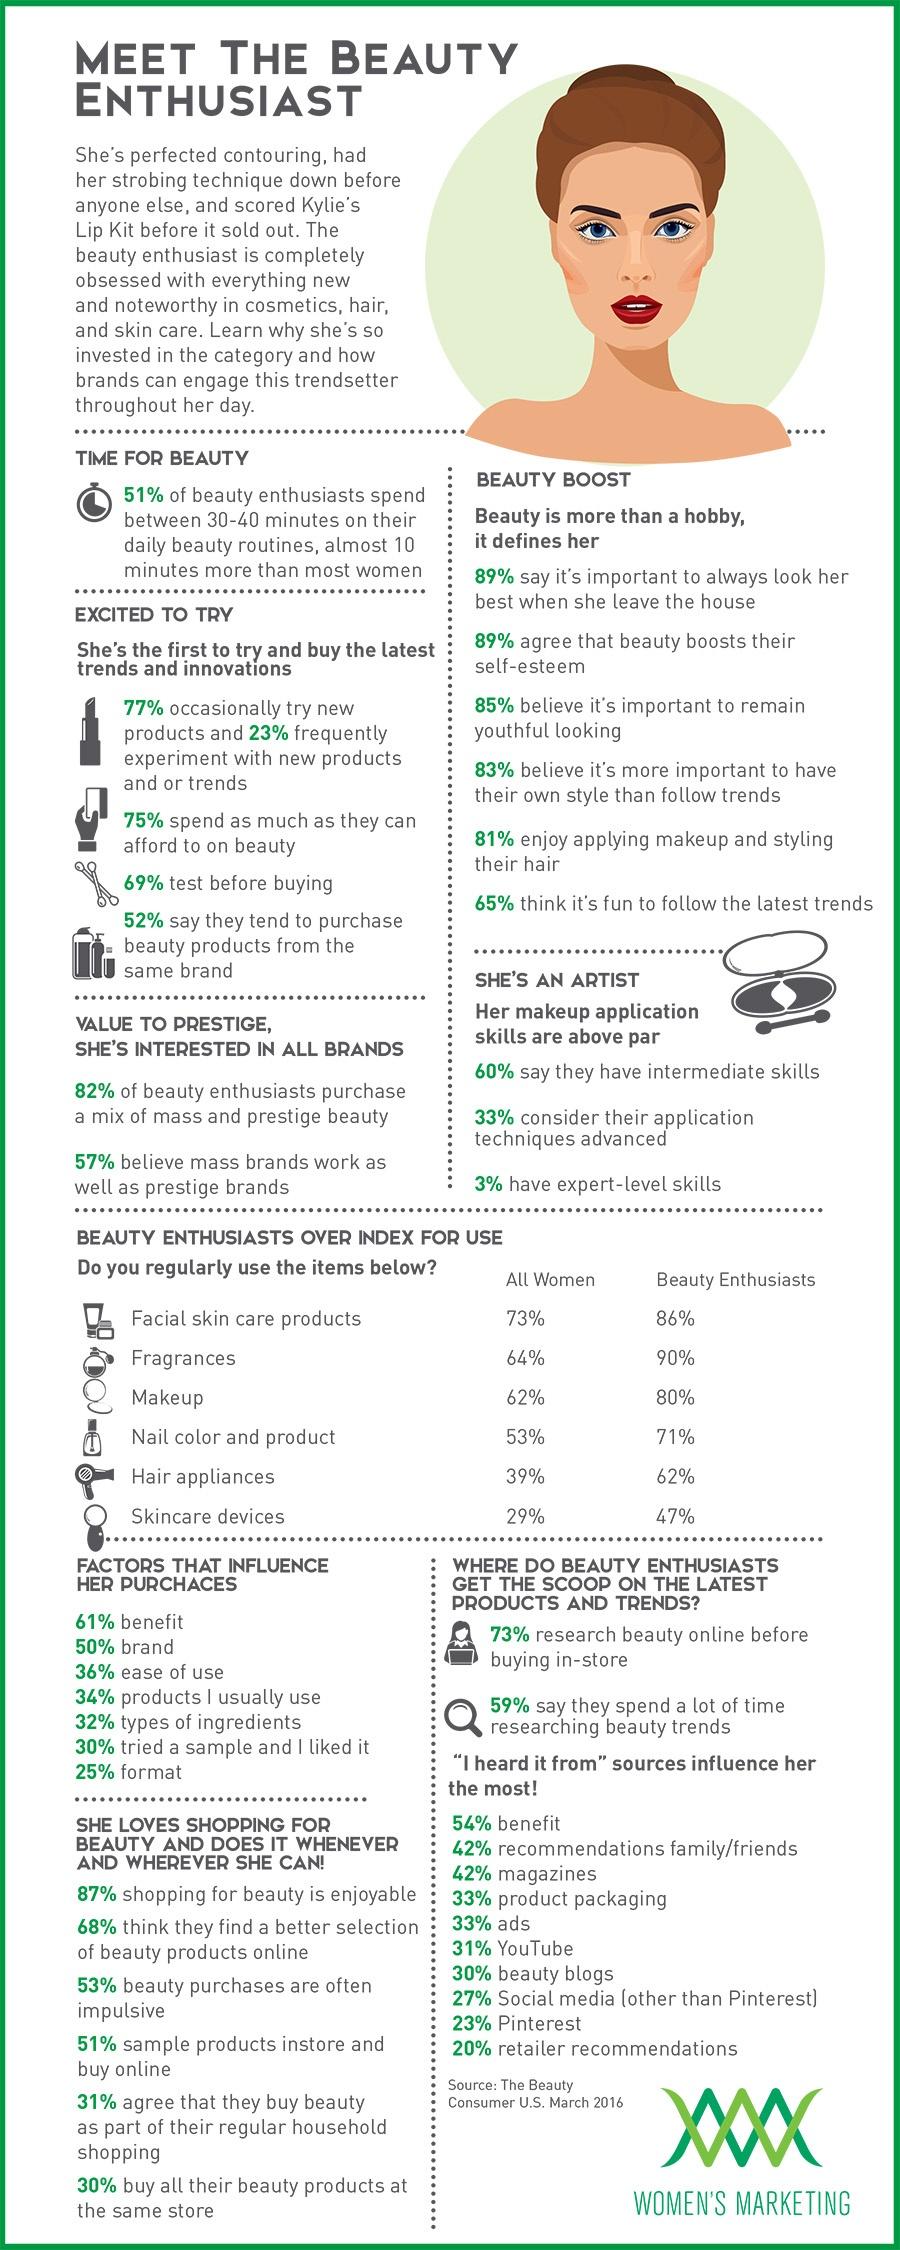 TheBeautyEnthusiast_Infographic.jpg